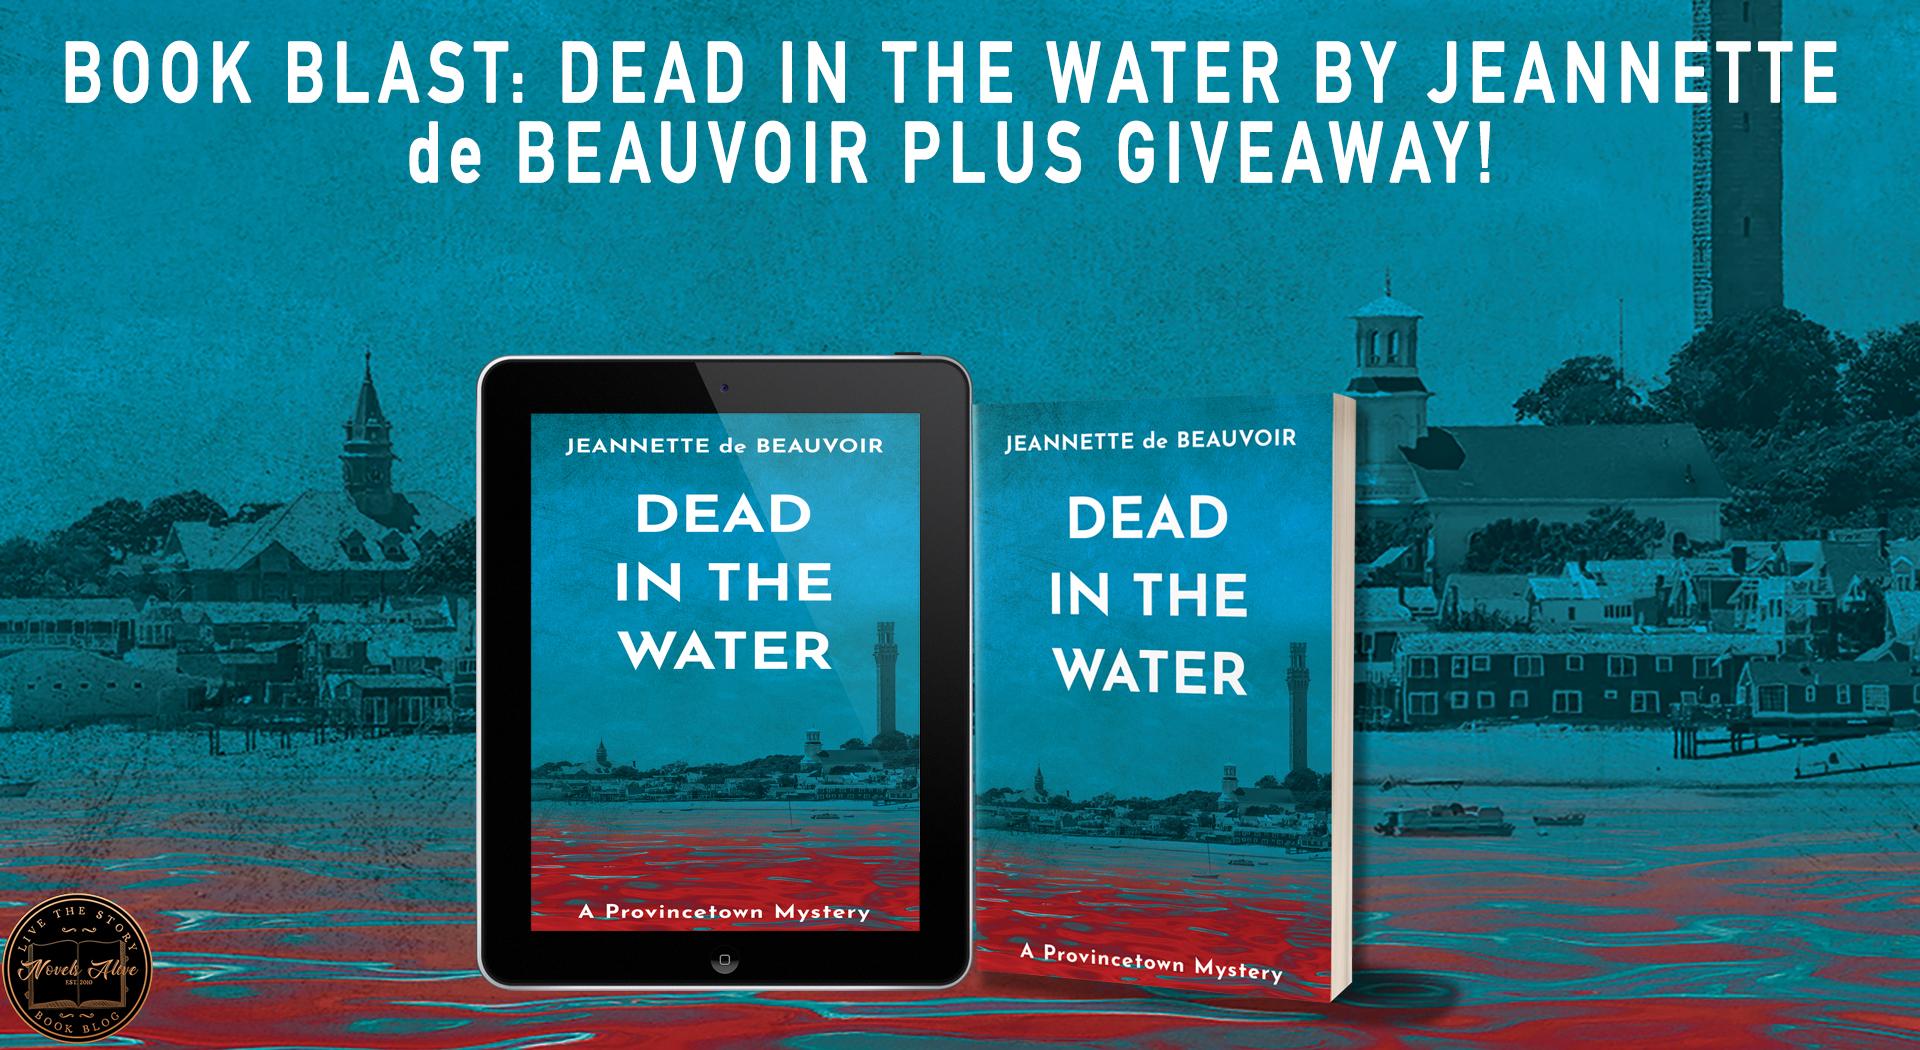 DeadintheWater-BOOKBLAST-FB